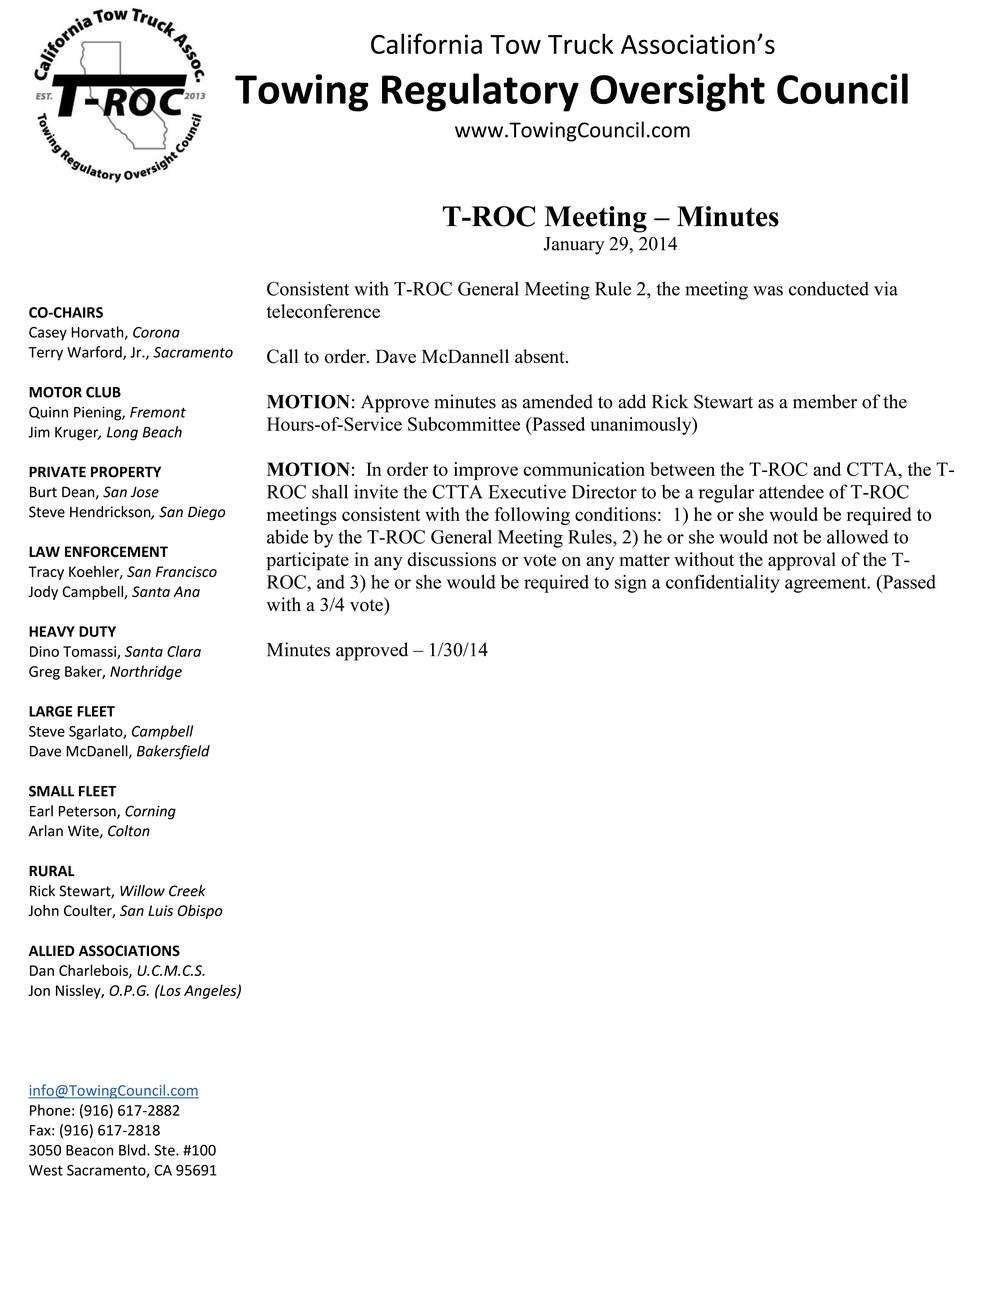 T-ROC Minutes 1-29-14.jpg